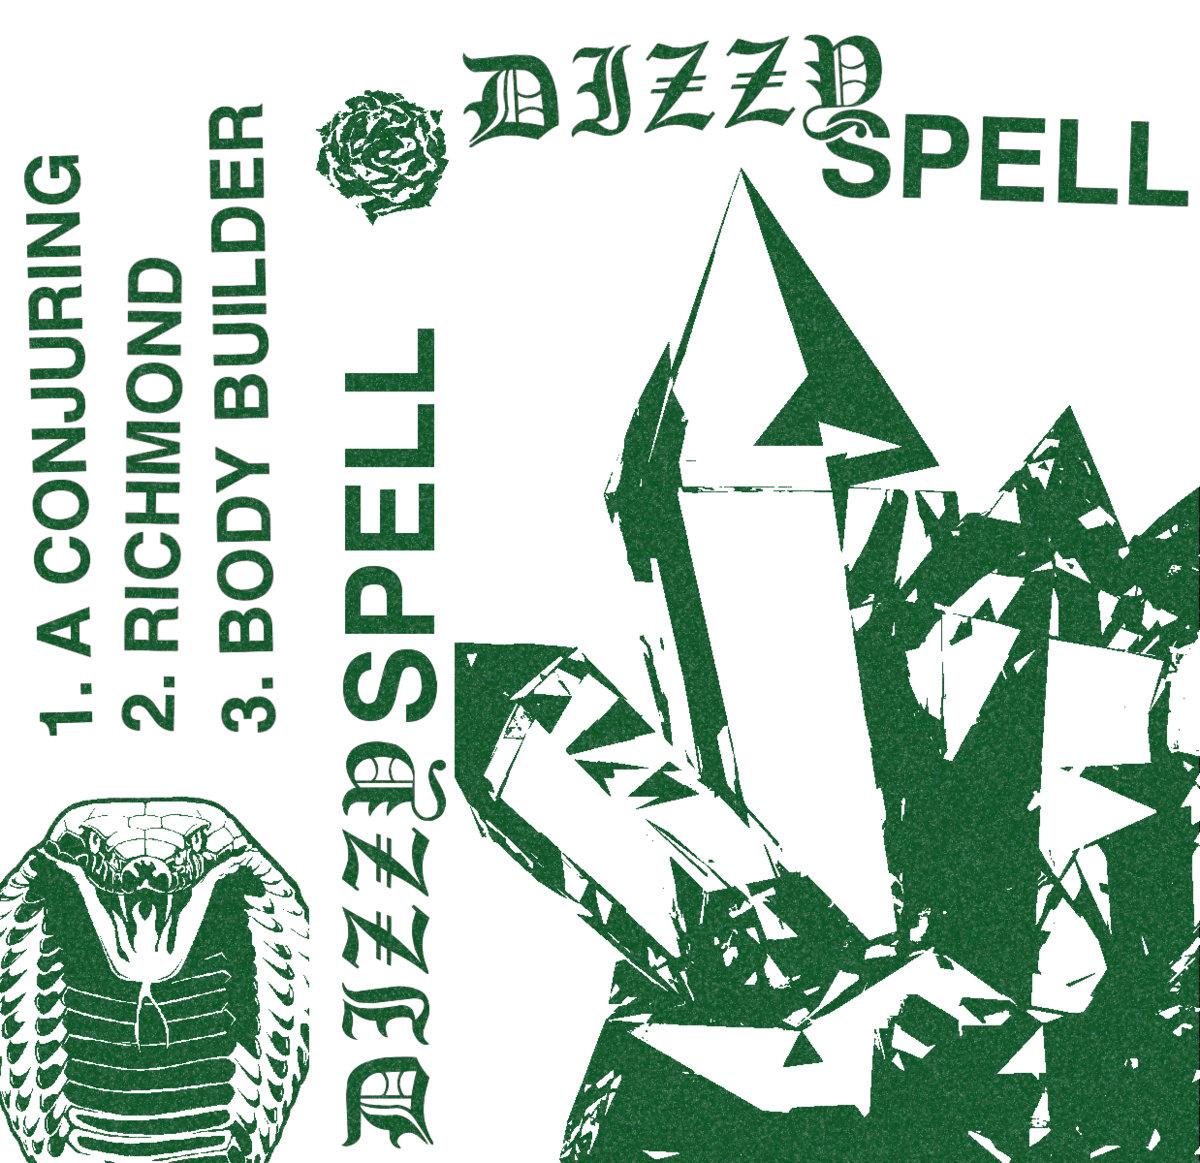 DIzzyspell- Dizzyspell